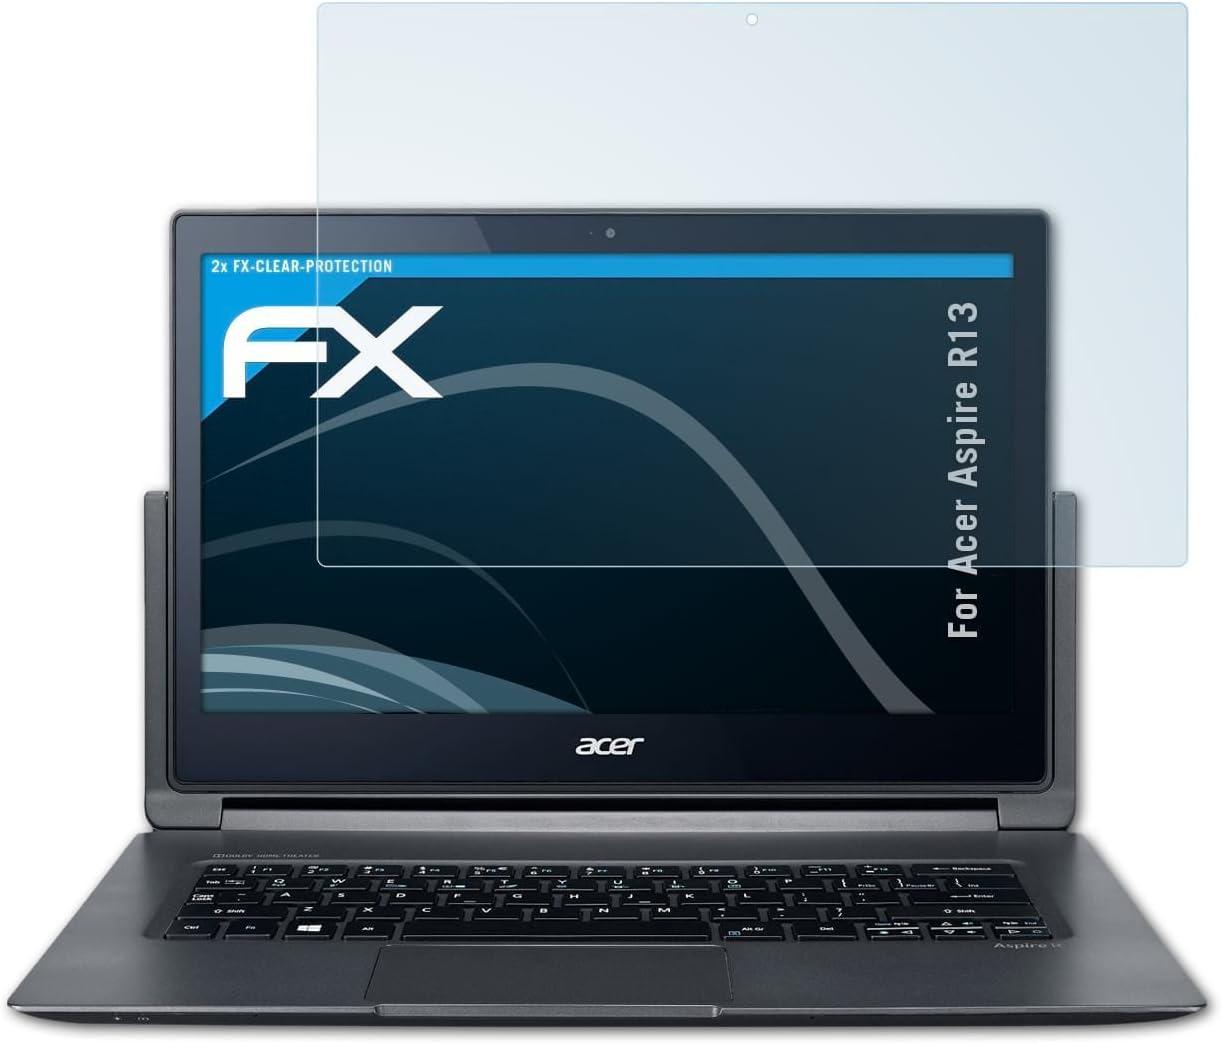 2X Rev/êtement antireflet HD FX Protection d/écran atFoliX Film Protecteur pour Acer Aspire Switch 10 E SW3-013 Film Protection d/écran